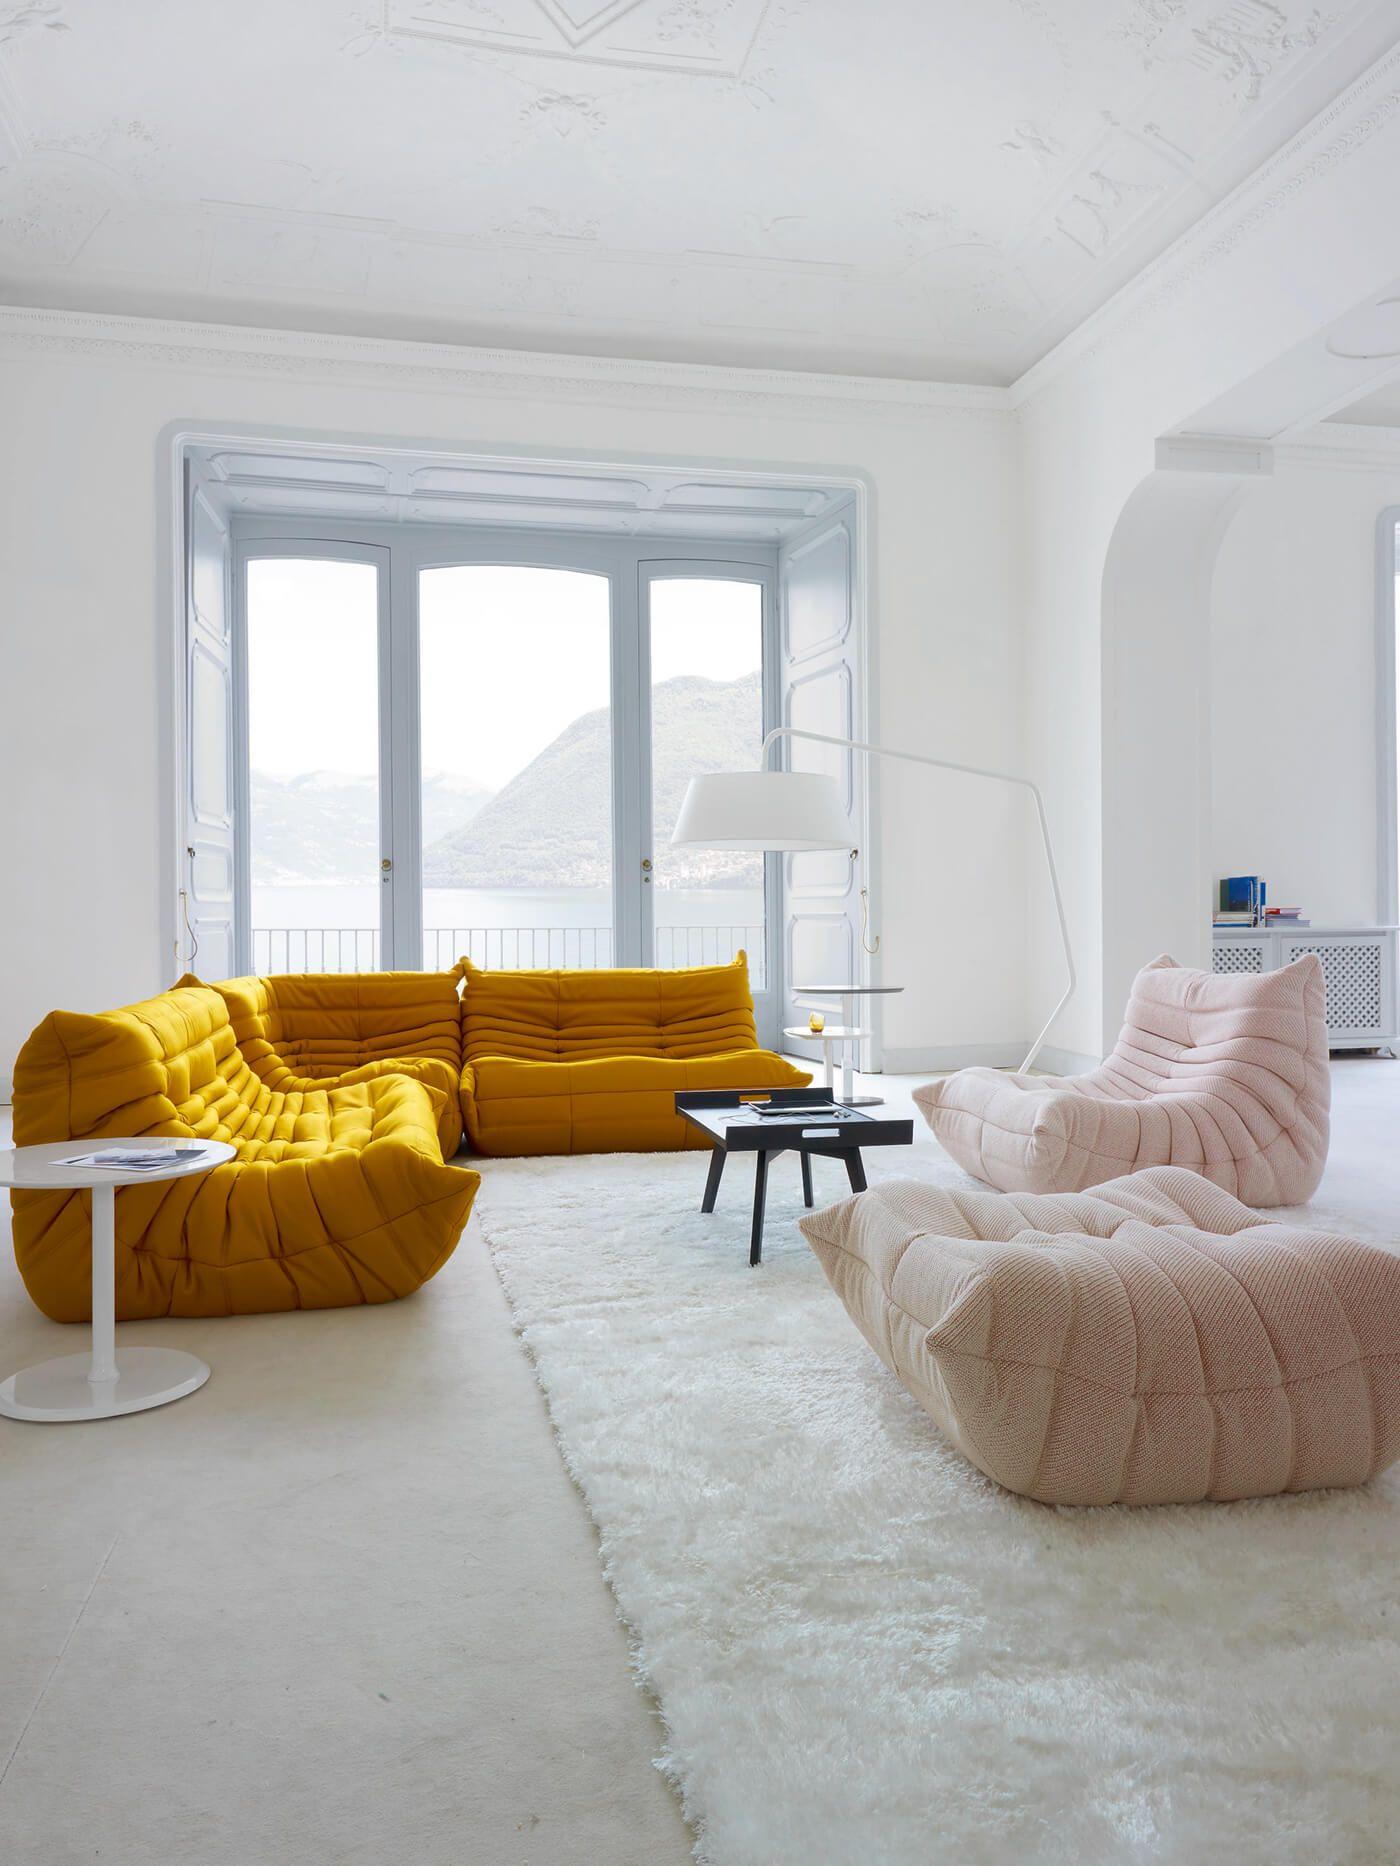 L Inimitable Canape Togo De Chez Ligne Roset Frenchy Fancy Deco Maison Canape Ligne Roset Mobilier De Salon